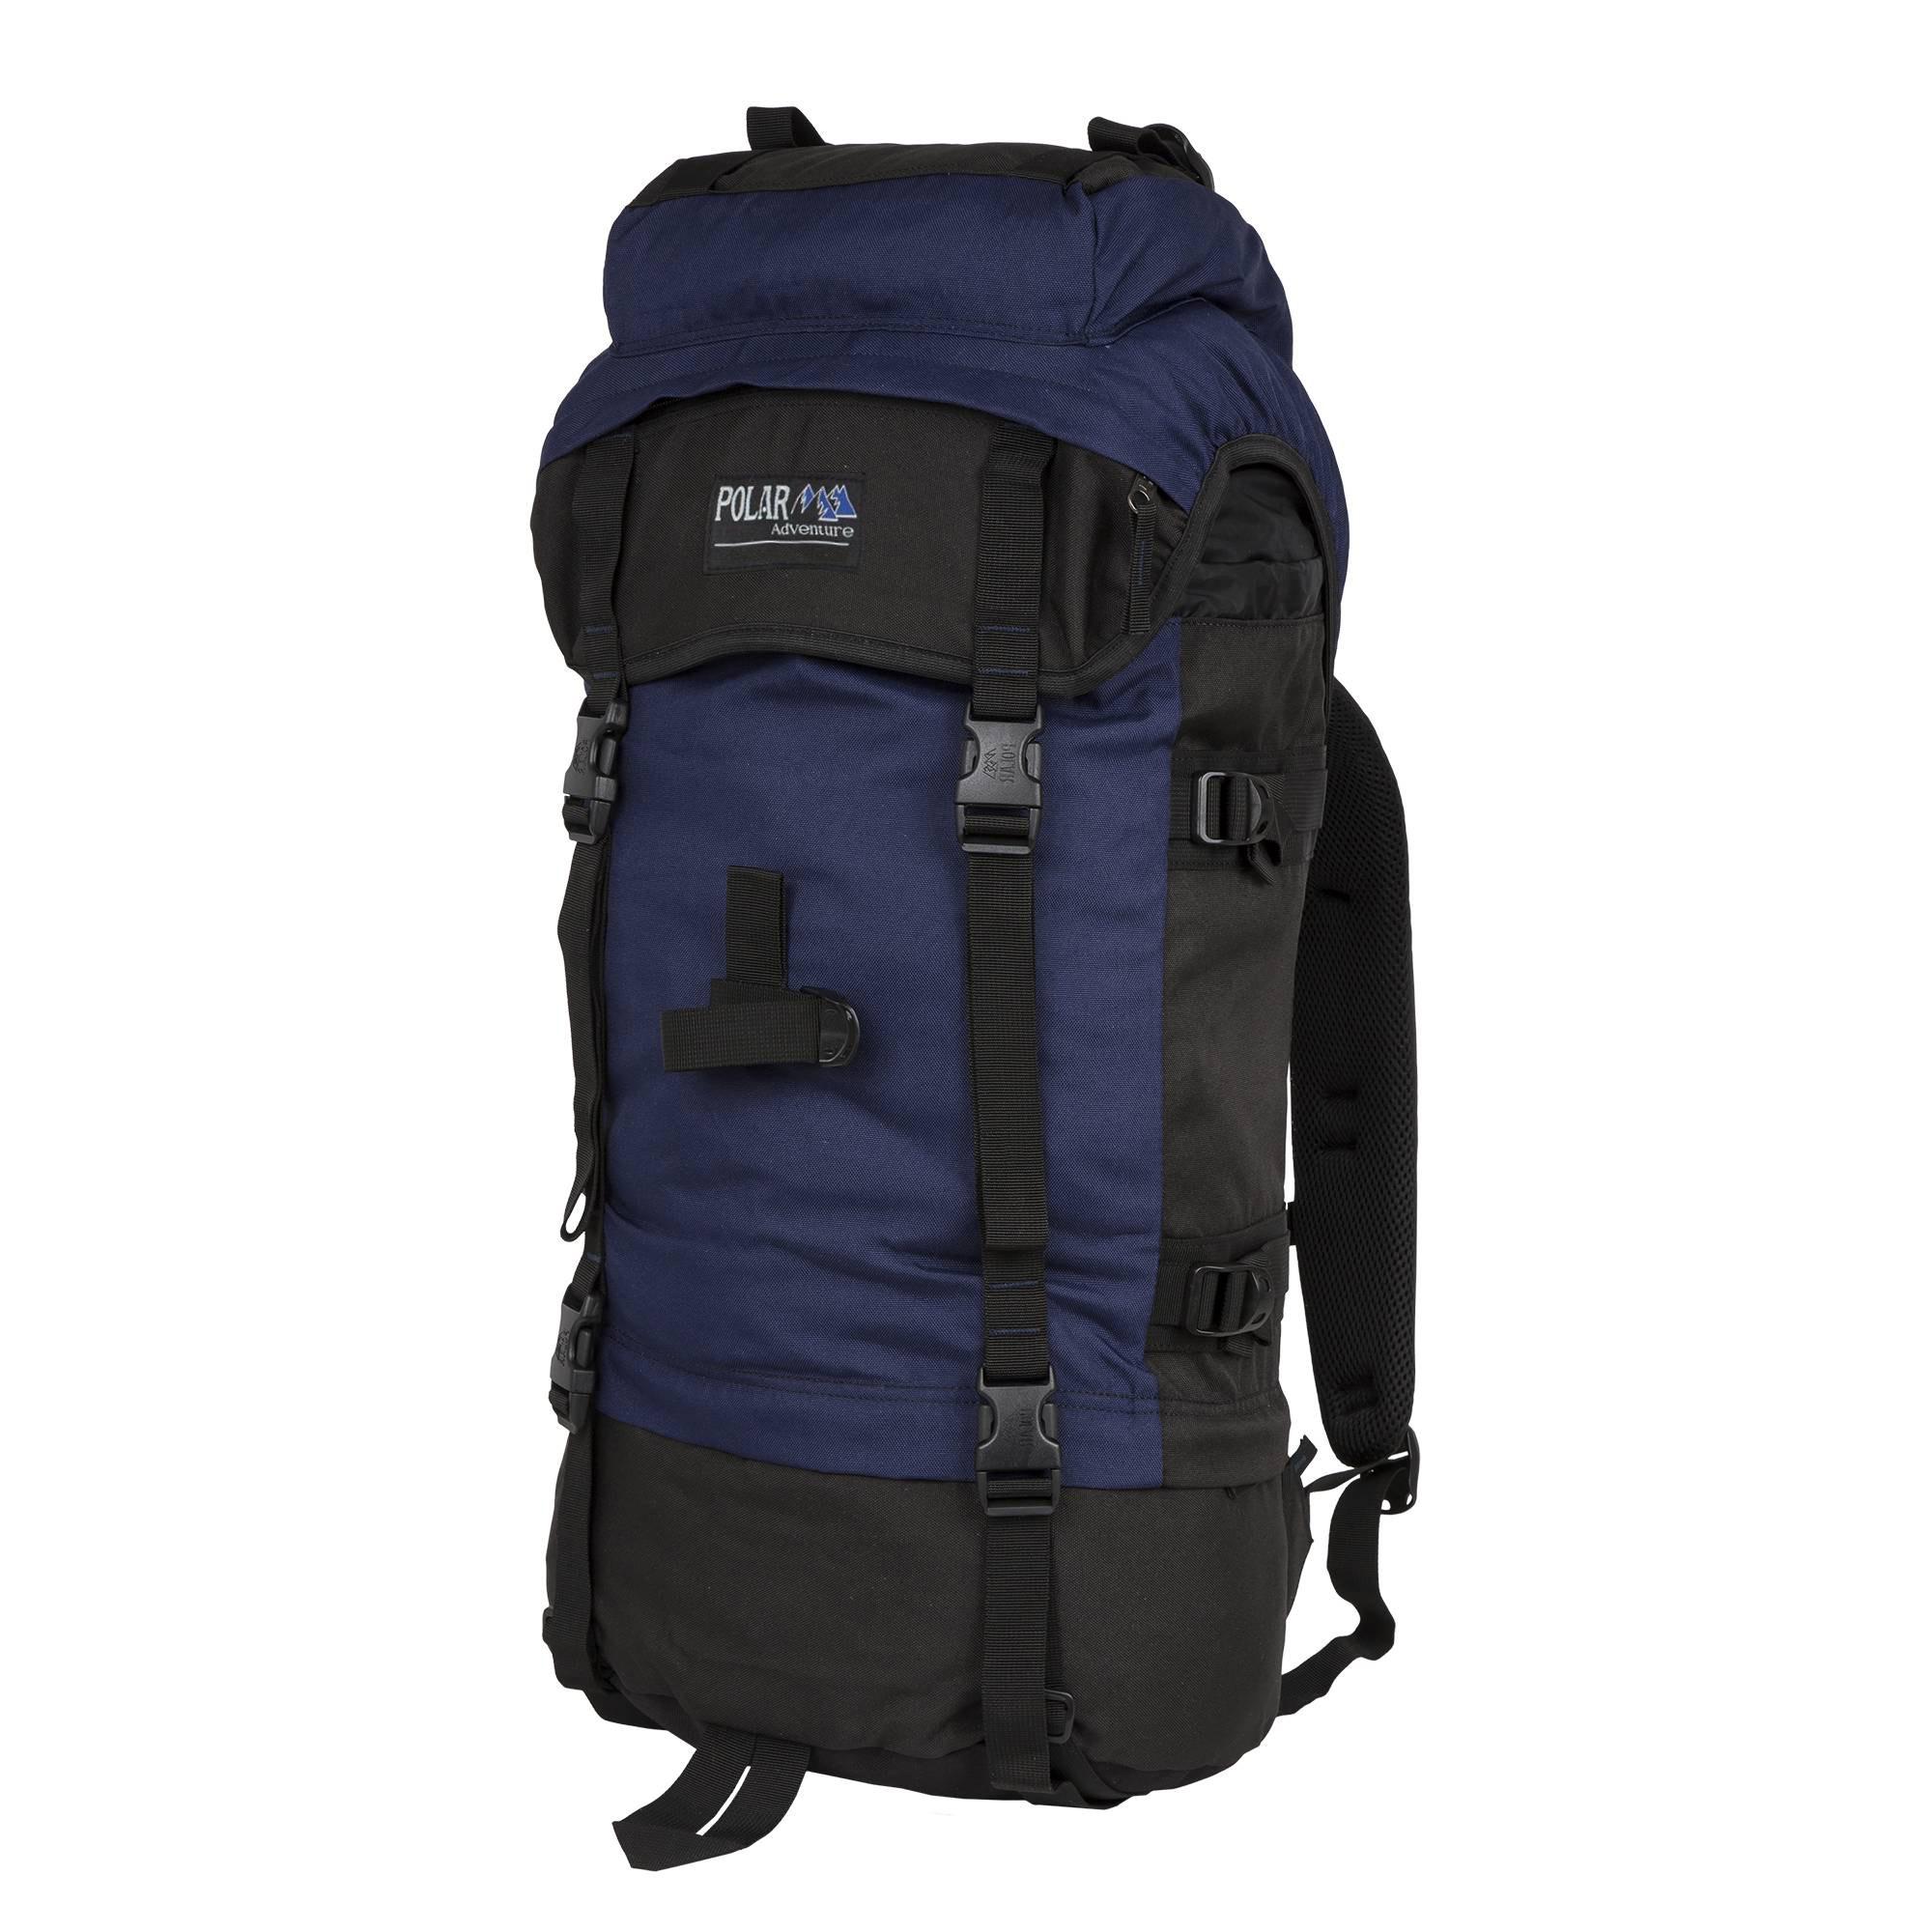 4547e16df7c7 Купить рюкзак для ручной клади в самолете 55х40х20, интернет магазин  Tasche.ru